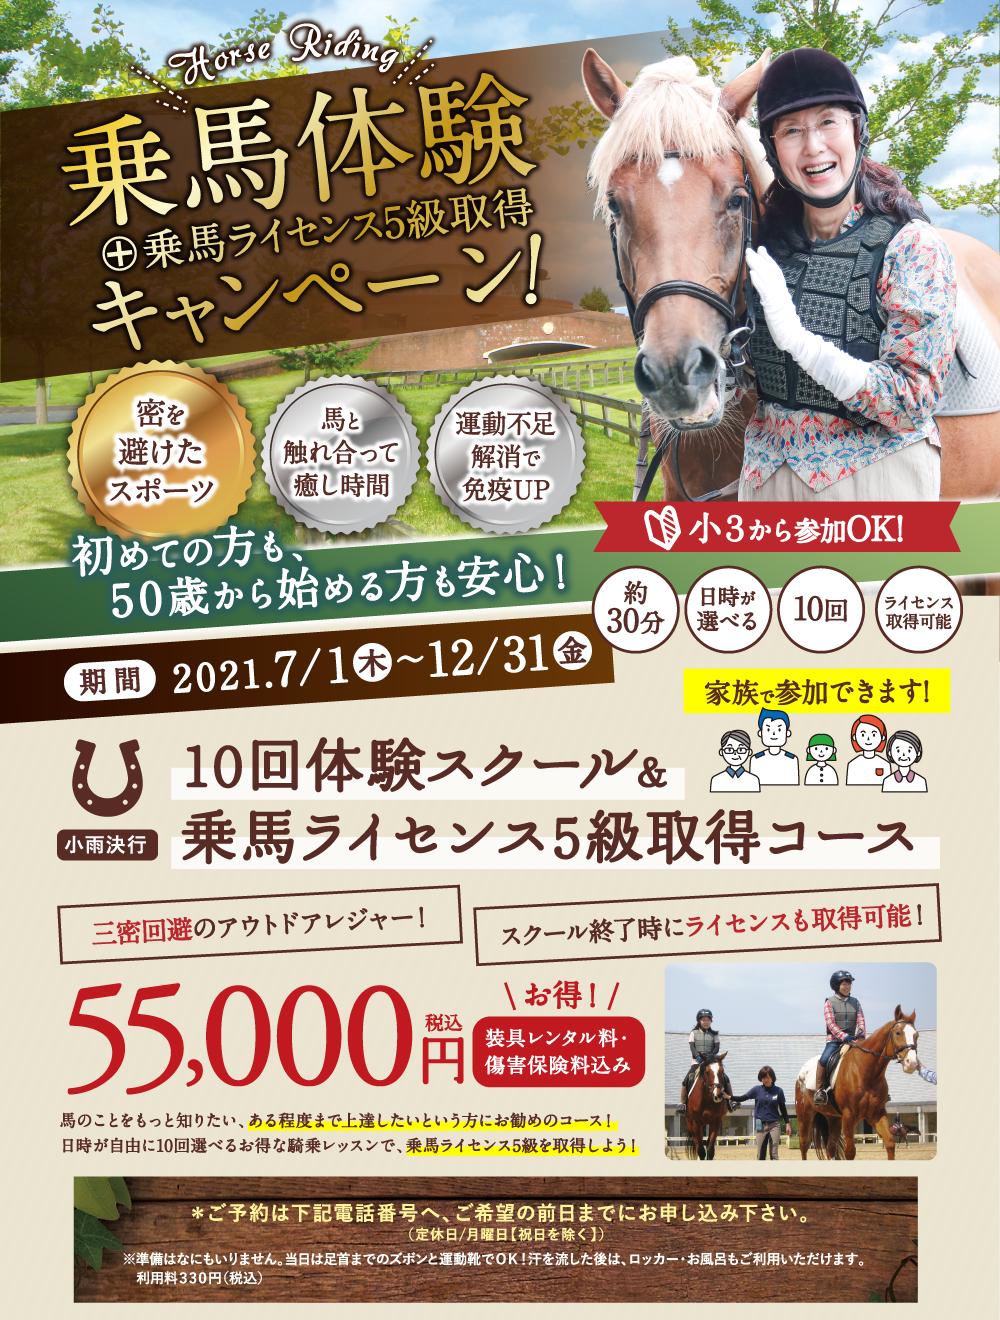 乗馬体験+乗馬ライセンス5級取得キャンペーン!